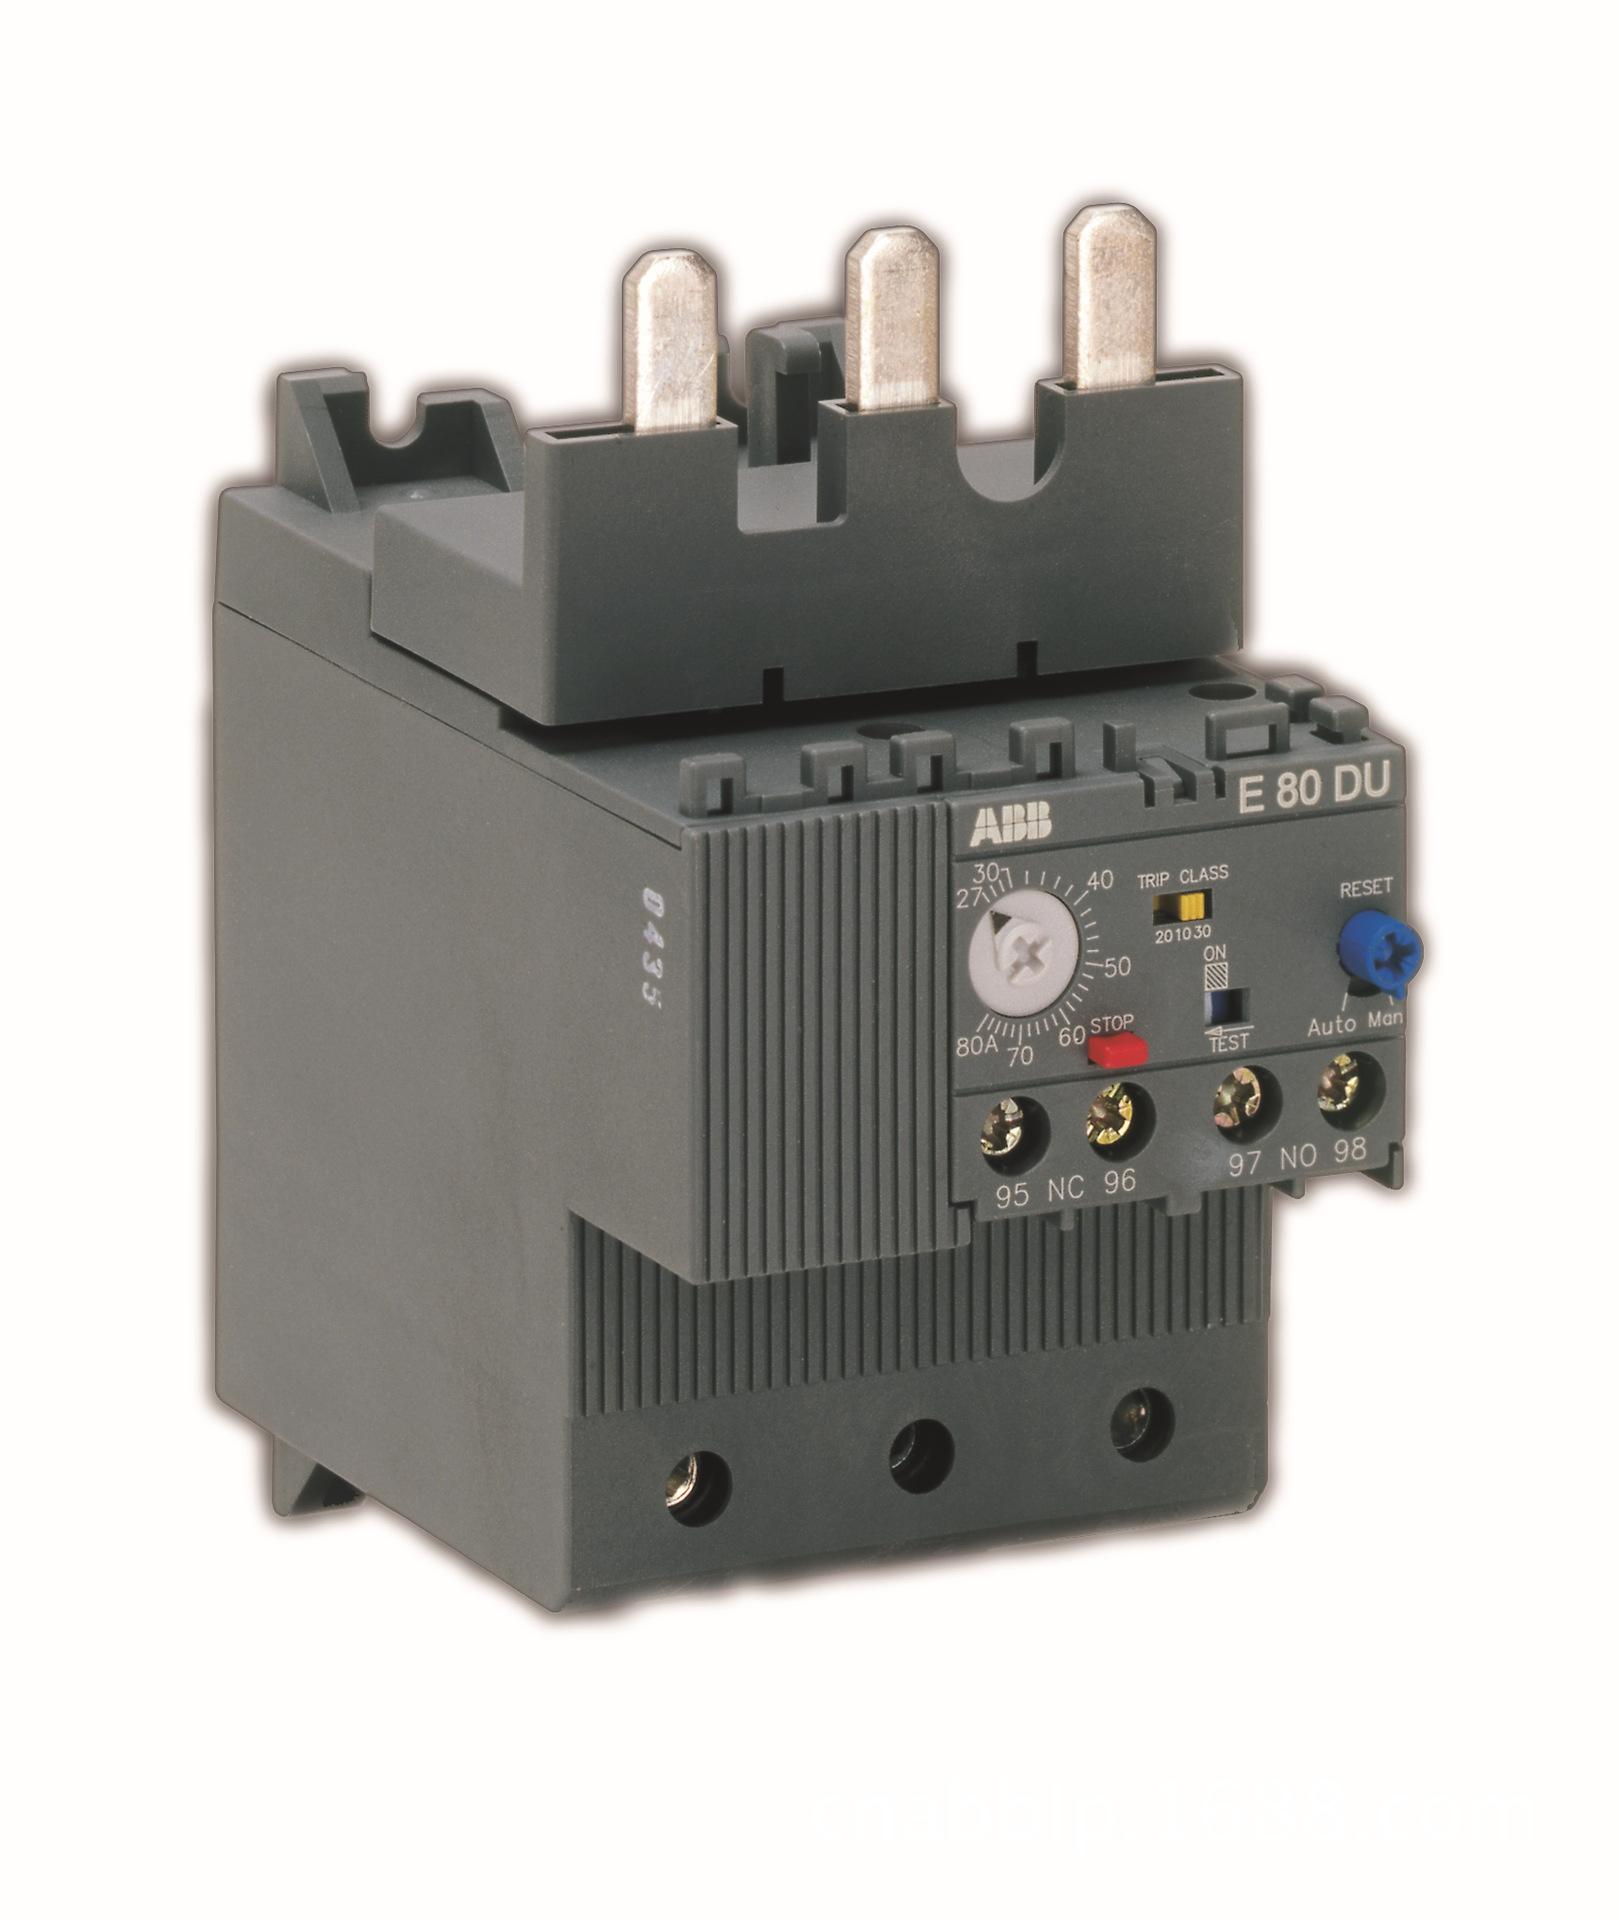 Rơ le nhiệt điện tử bảo vệ quá tải ABB (27-80A) - E80DU-80.